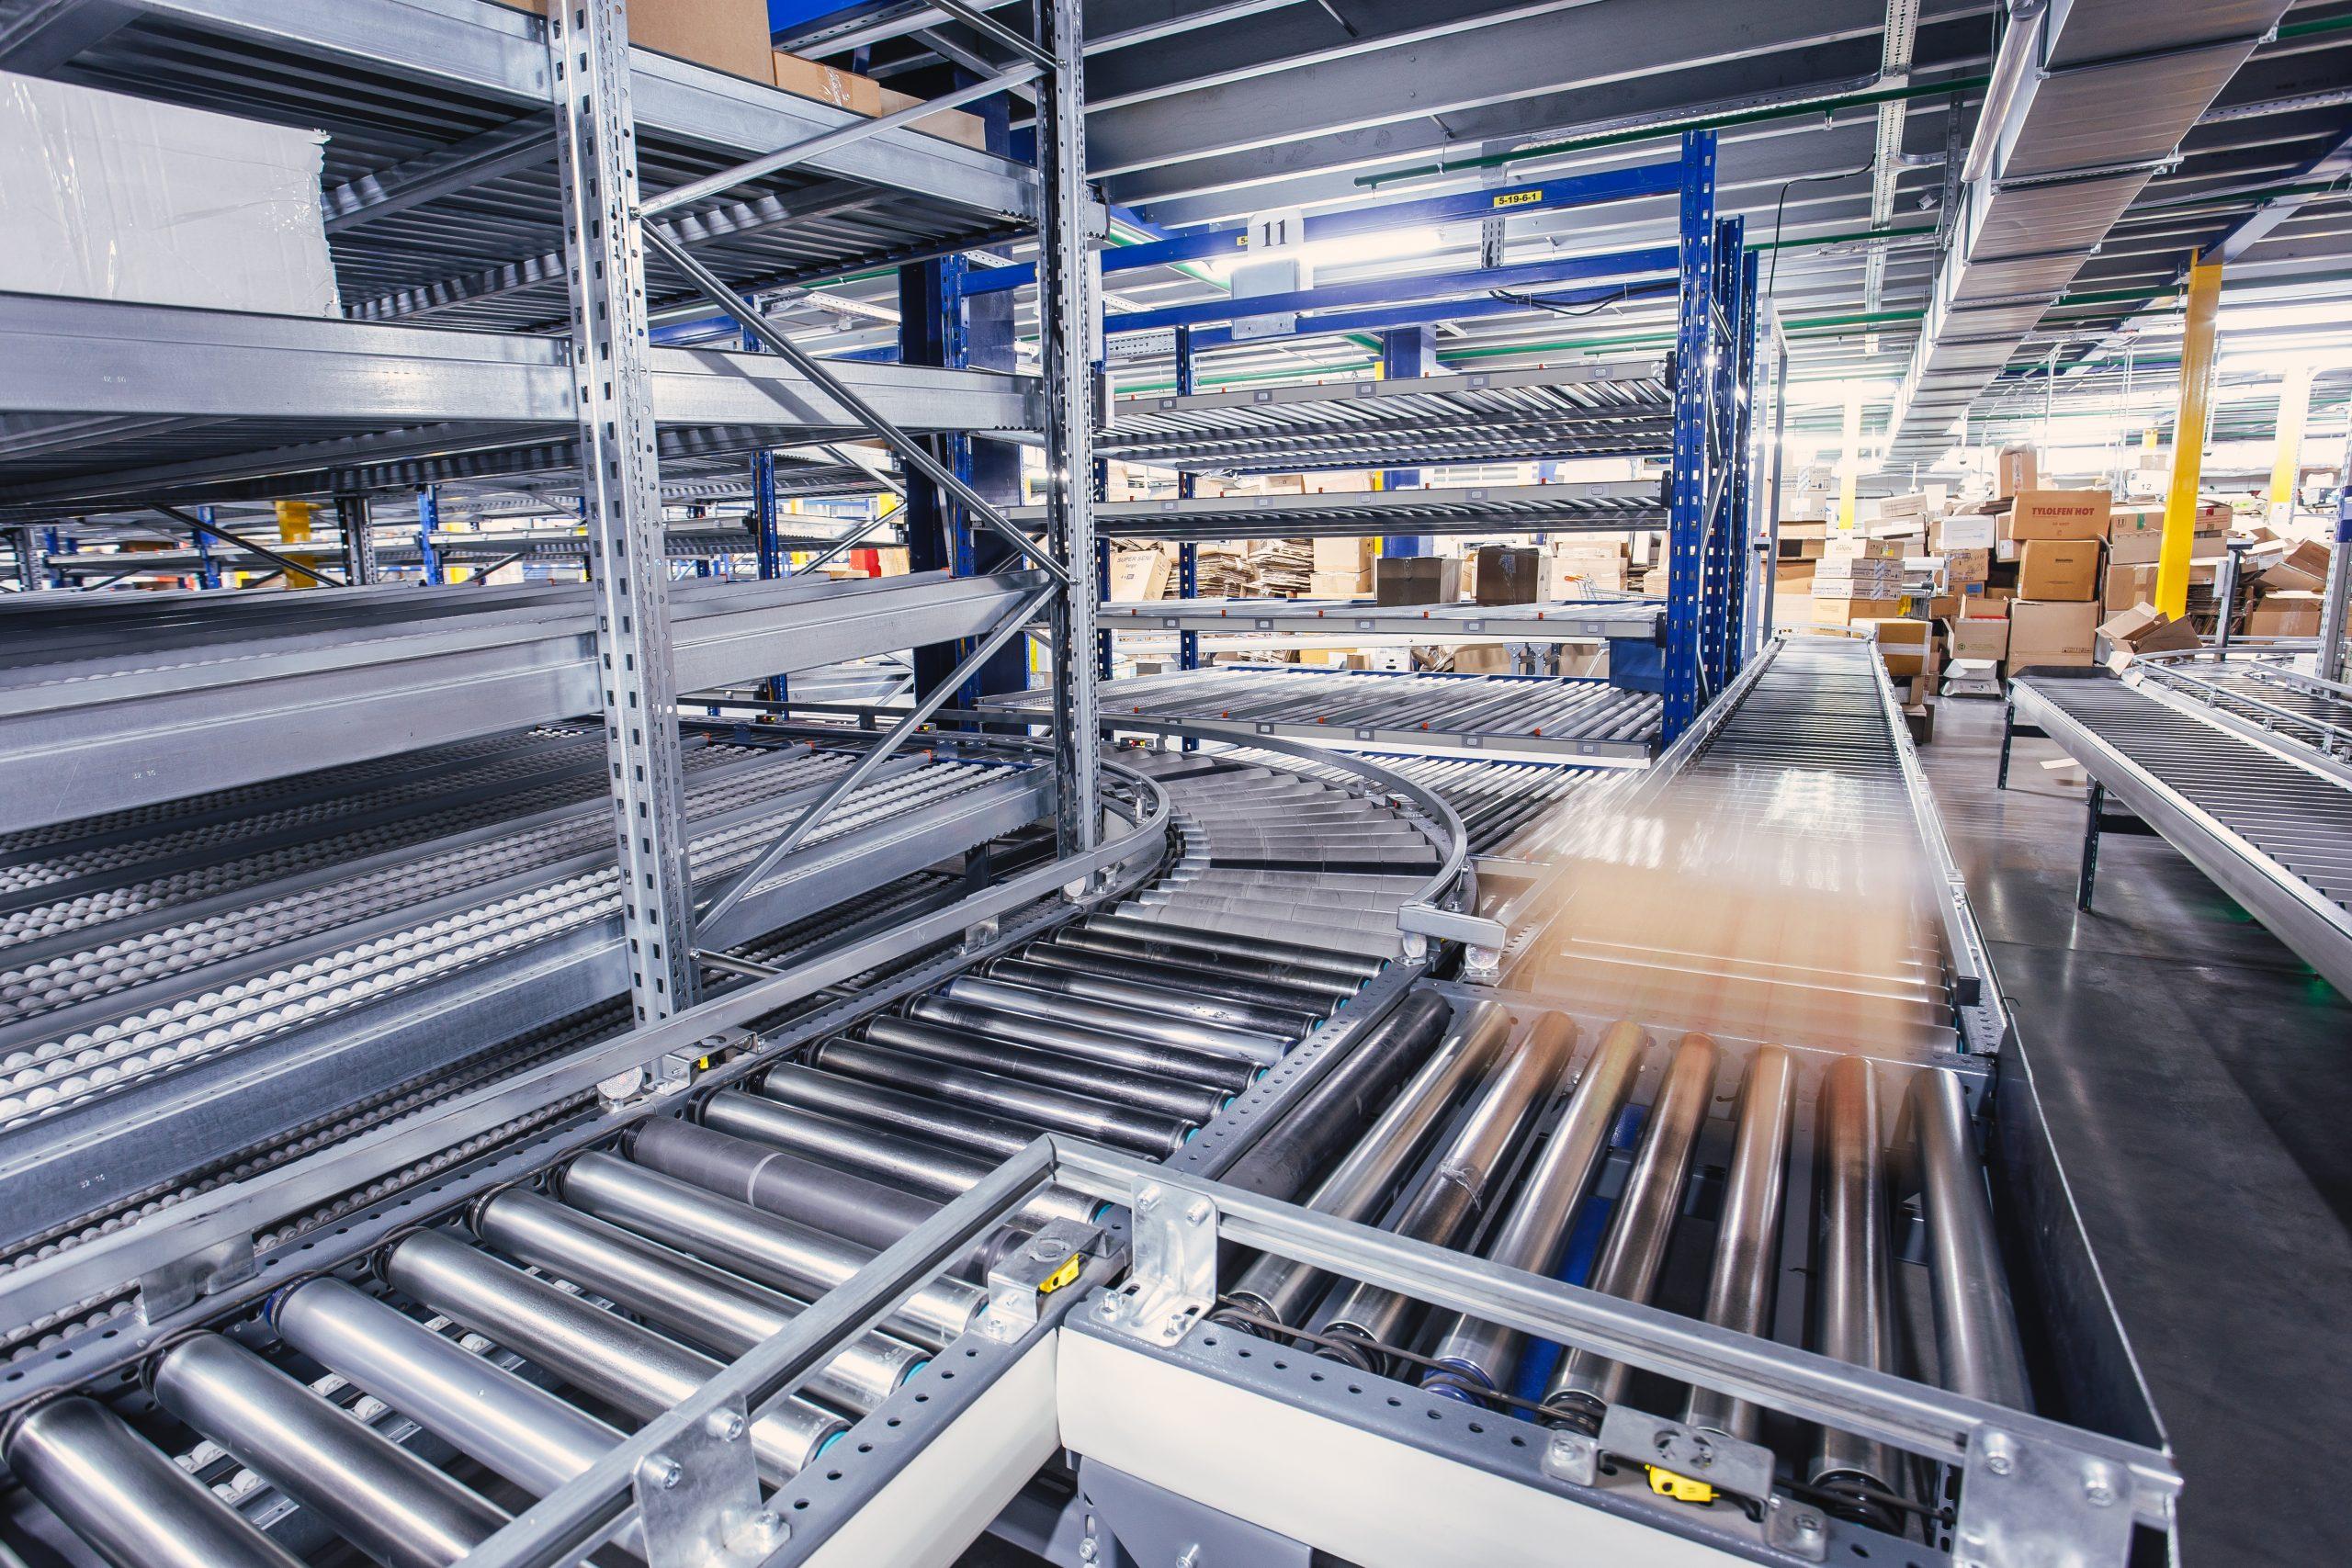 Box conveyor systems - 8 - kapelou.com